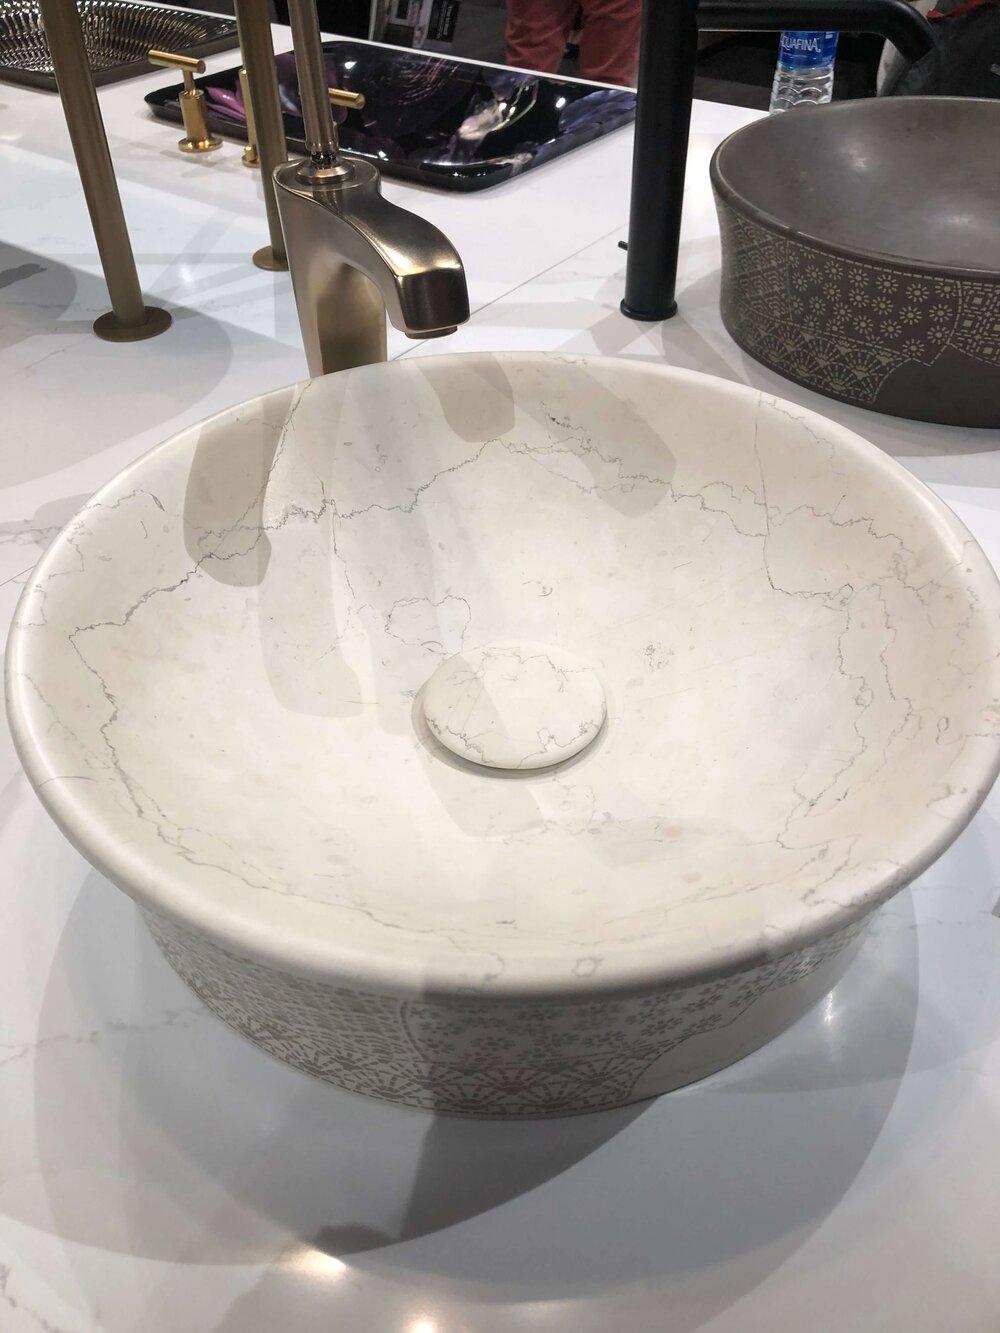 Etched vessel sink from Kohler